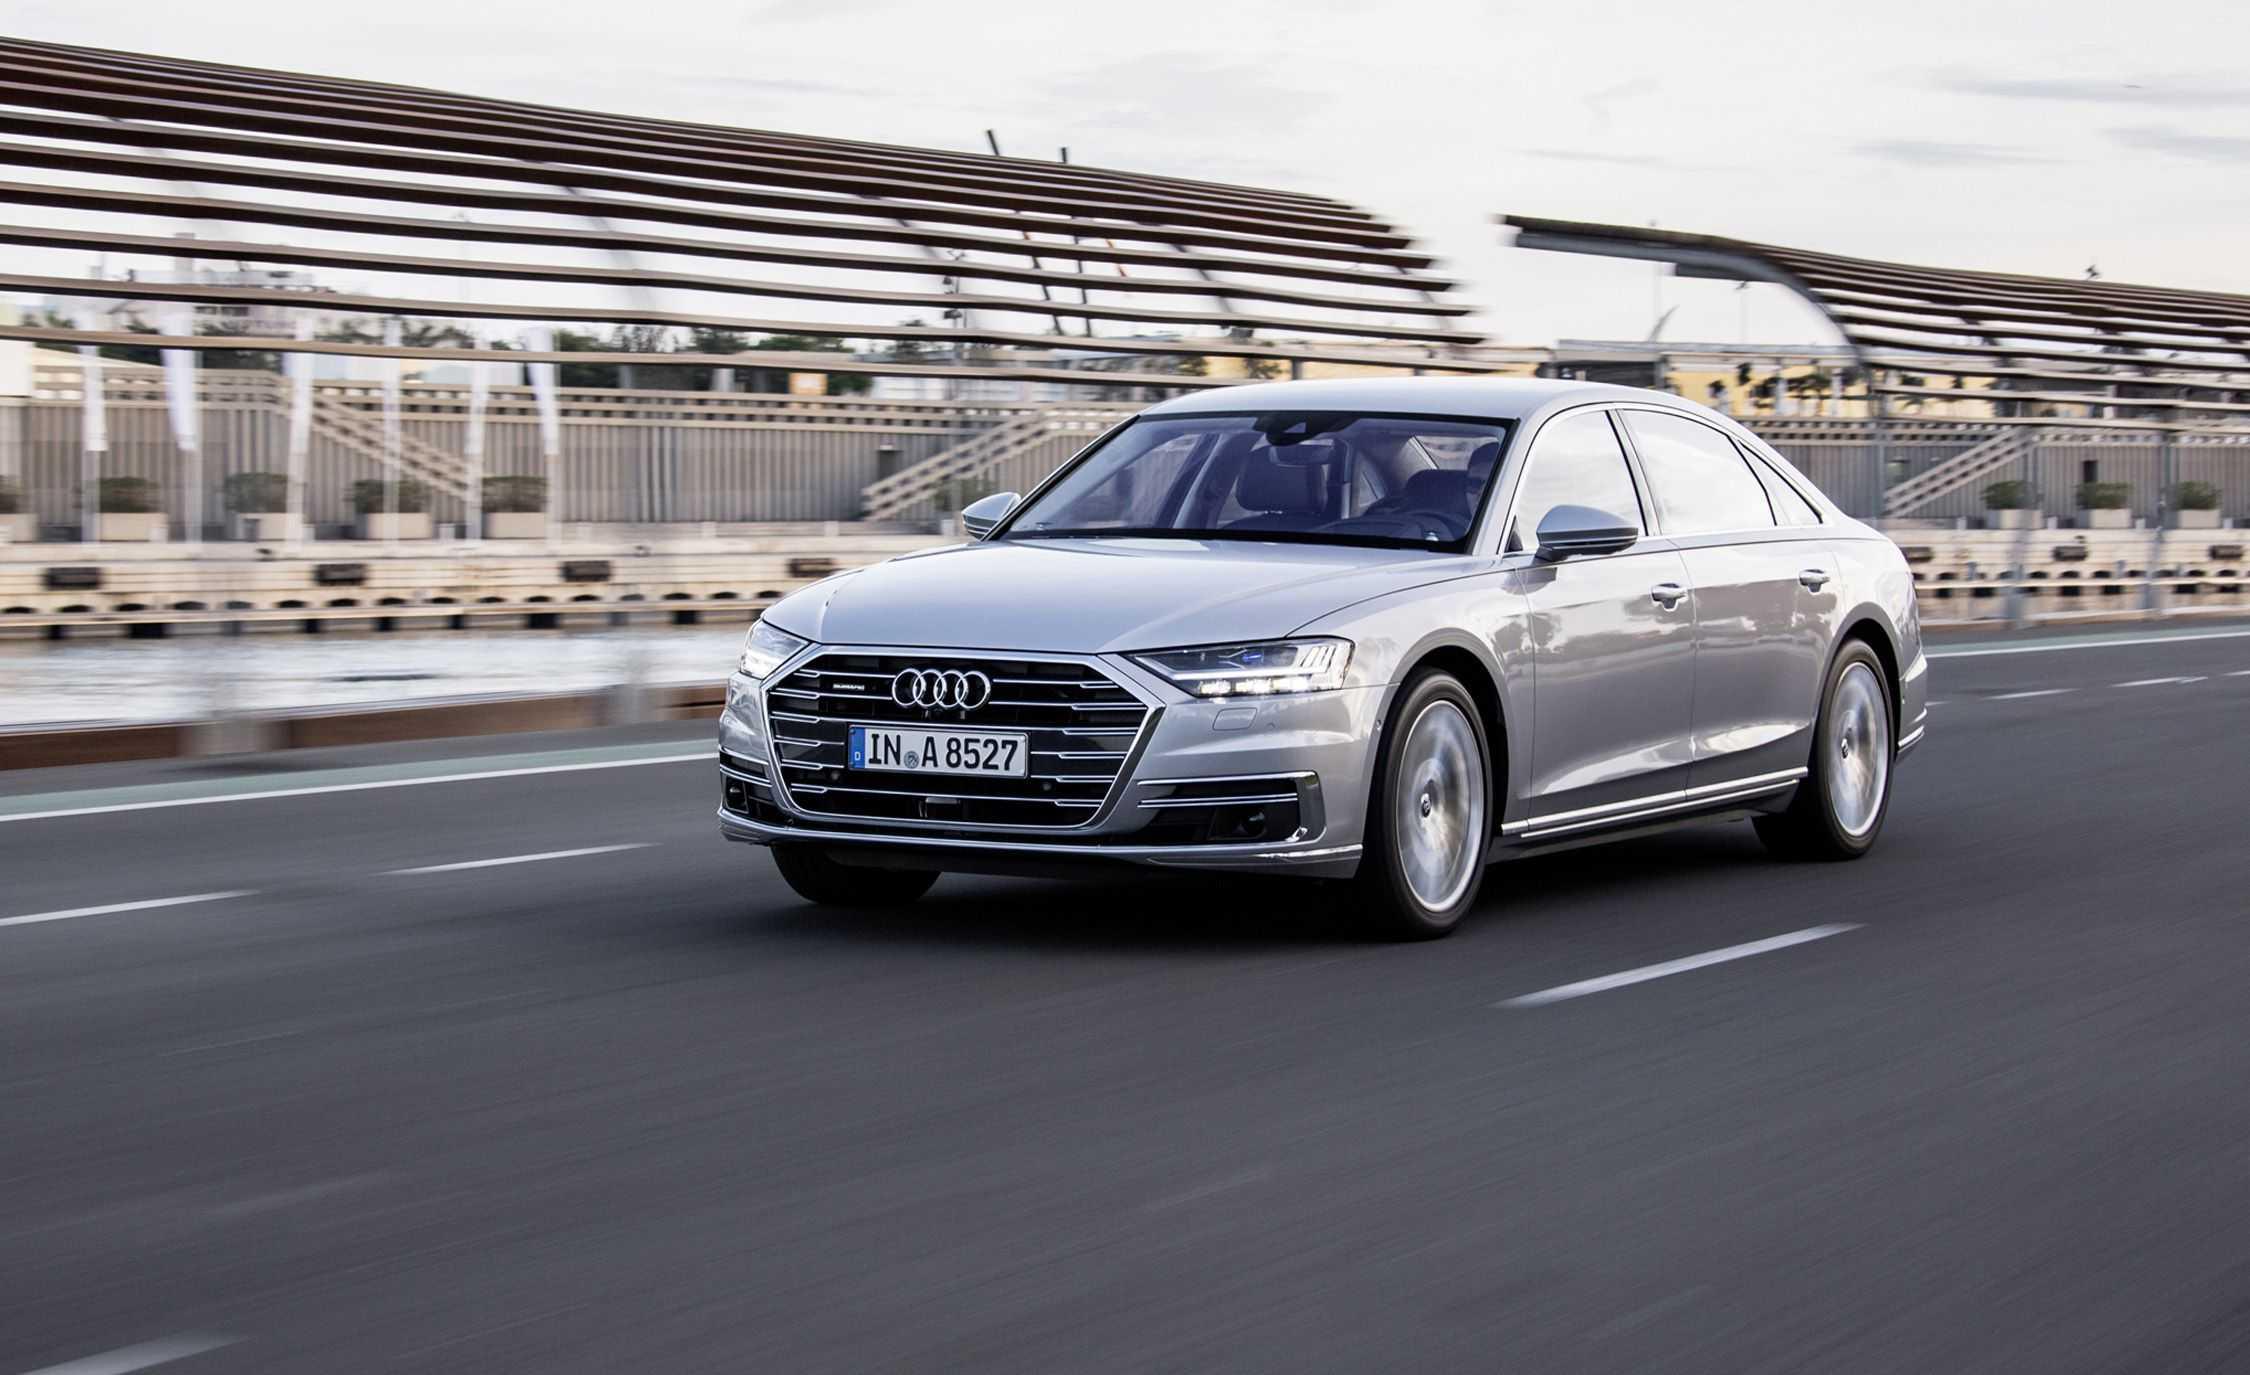 Audi s8 2020 уже в россии! цены, фото, комплектации, тюнинг